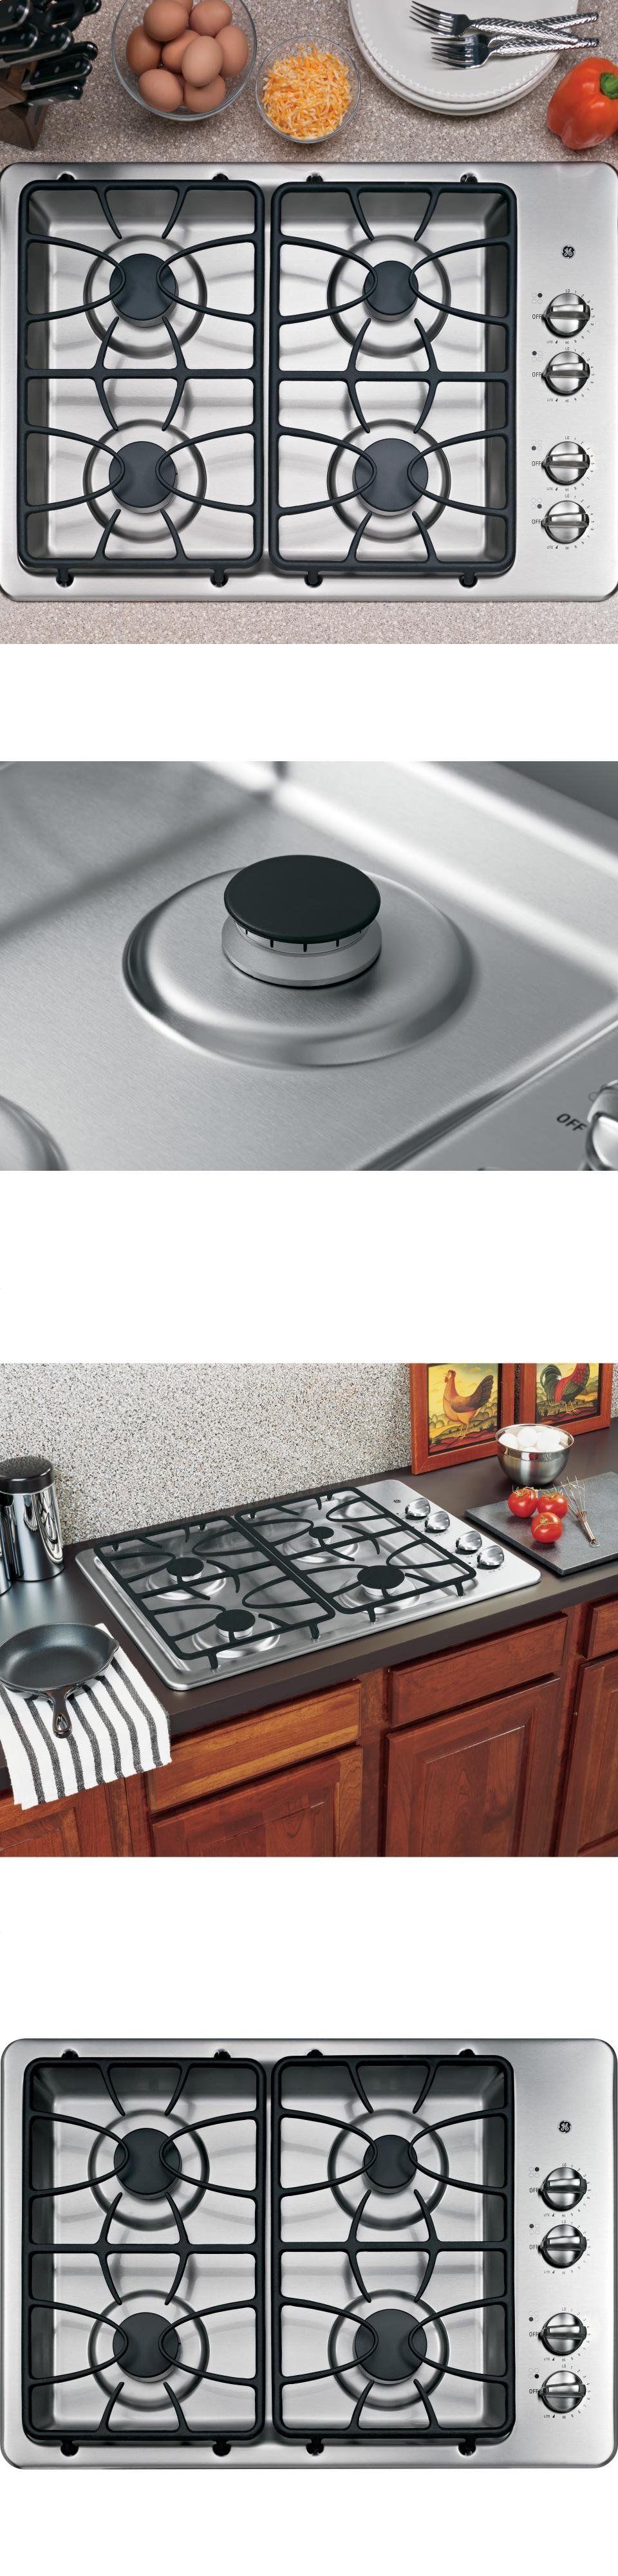 cooktops 71246 ge jgp329setss 30 wide 4 sealed burner gas cooktop